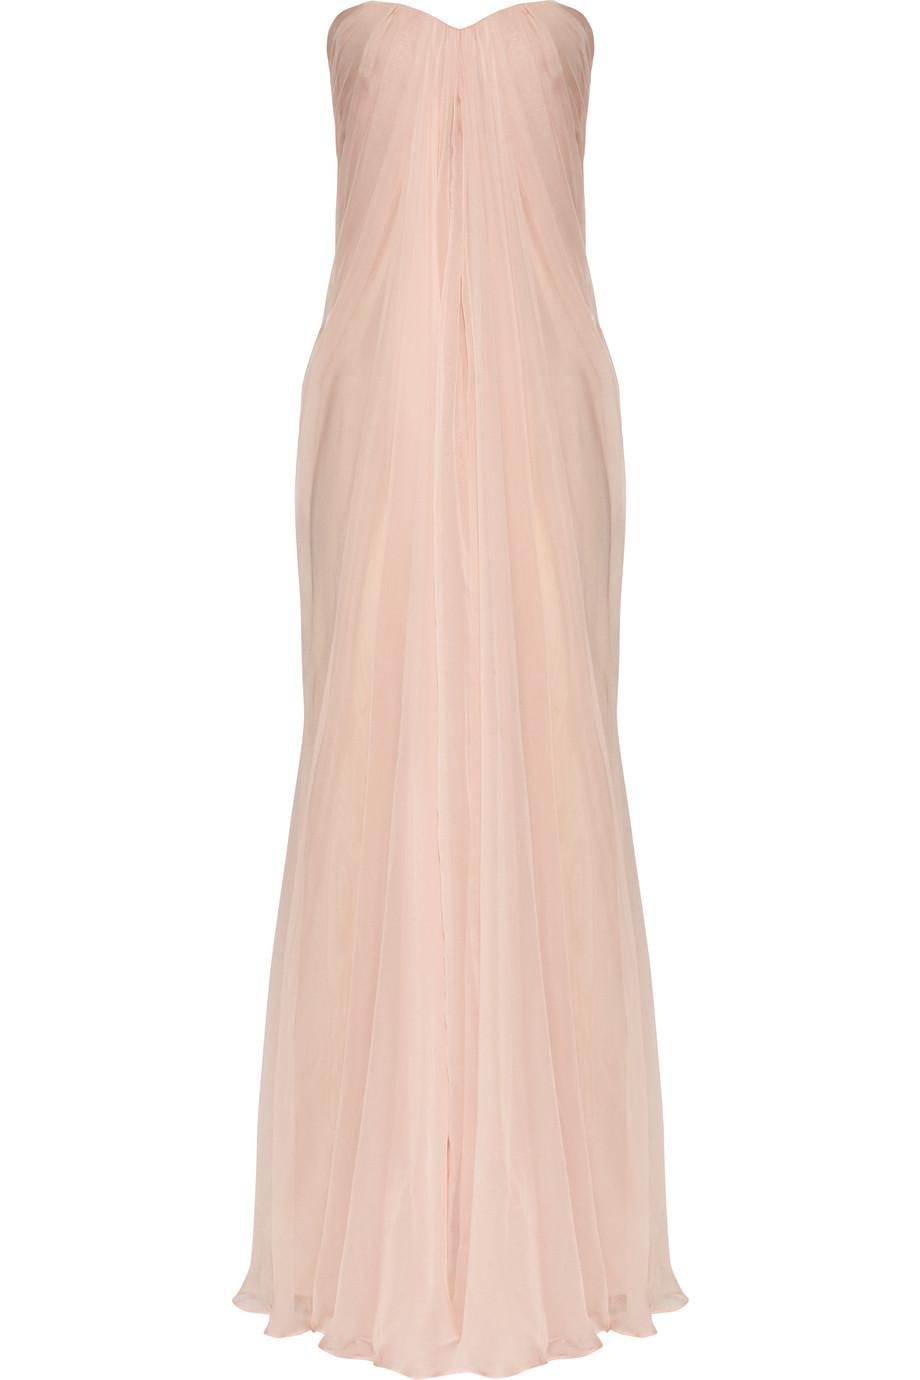 Petal-pink-wedding-dress-alexander-mcqueen-silk-chiffon.full